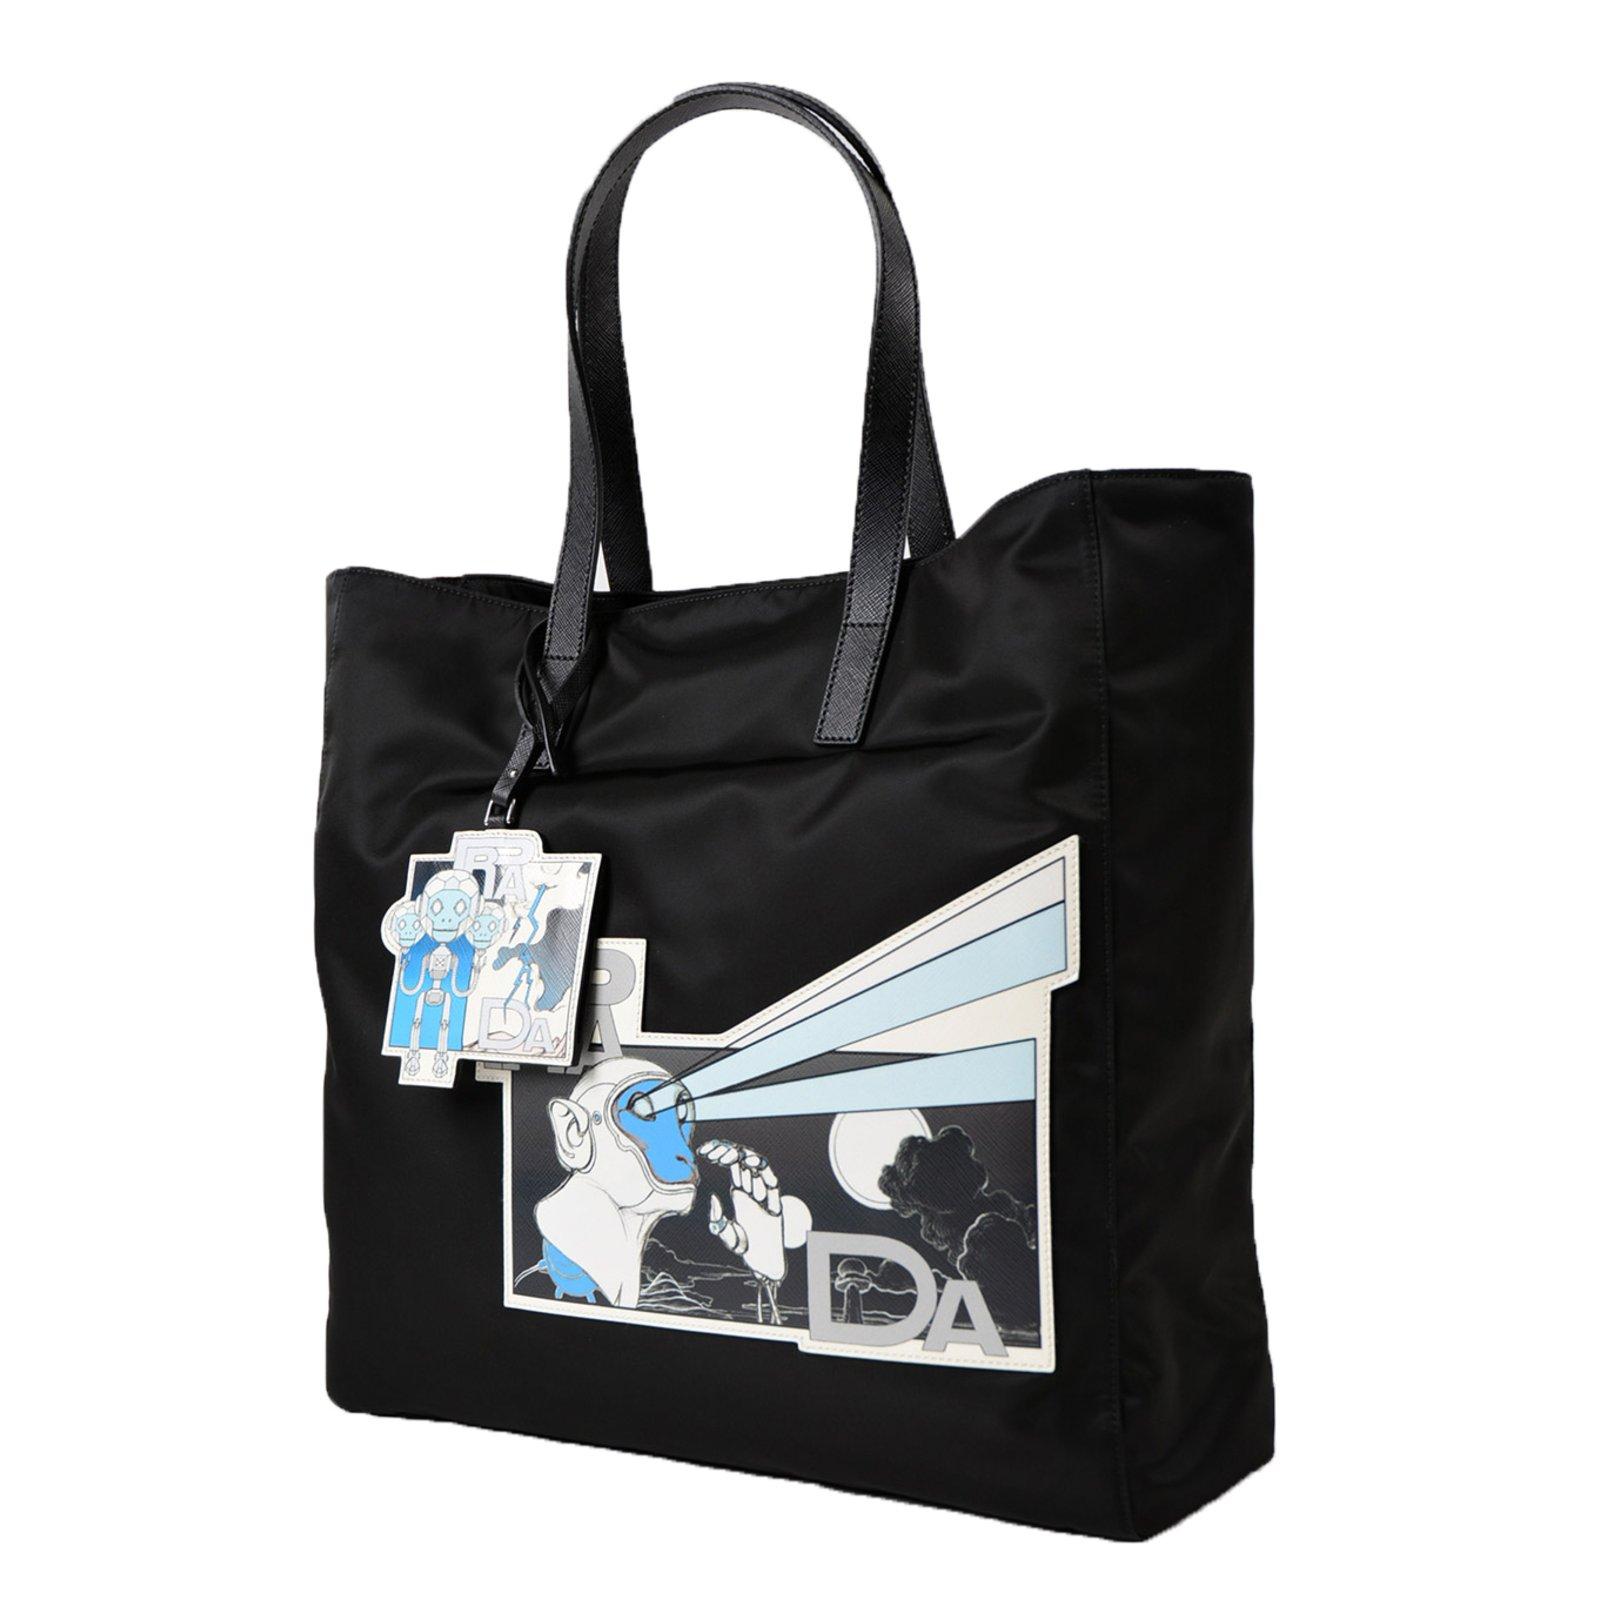 e5f5e606f5 ... get prada handbags handbags nylon black ref.71518 2096f 9e1fc